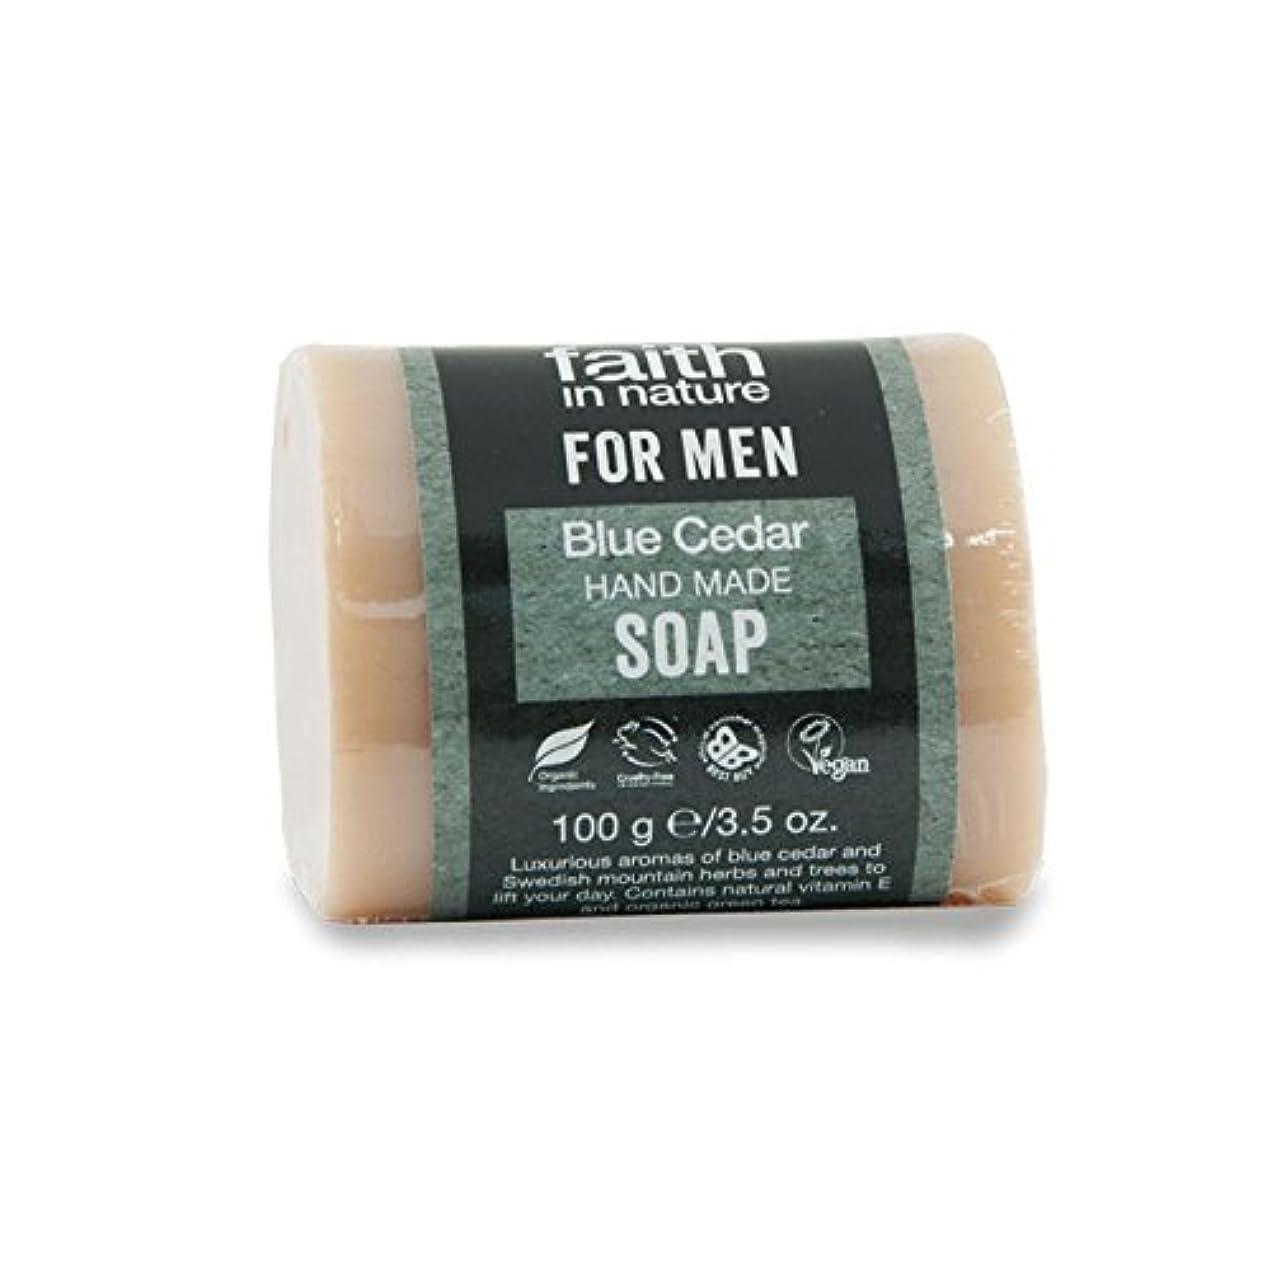 感動するセンサーソフトウェアFaith in Nature for Men Blue Cedar Soap 100g (Pack of 6) - 男性青杉の石鹸100グラムのための自然の中で信仰 (x6) [並行輸入品]